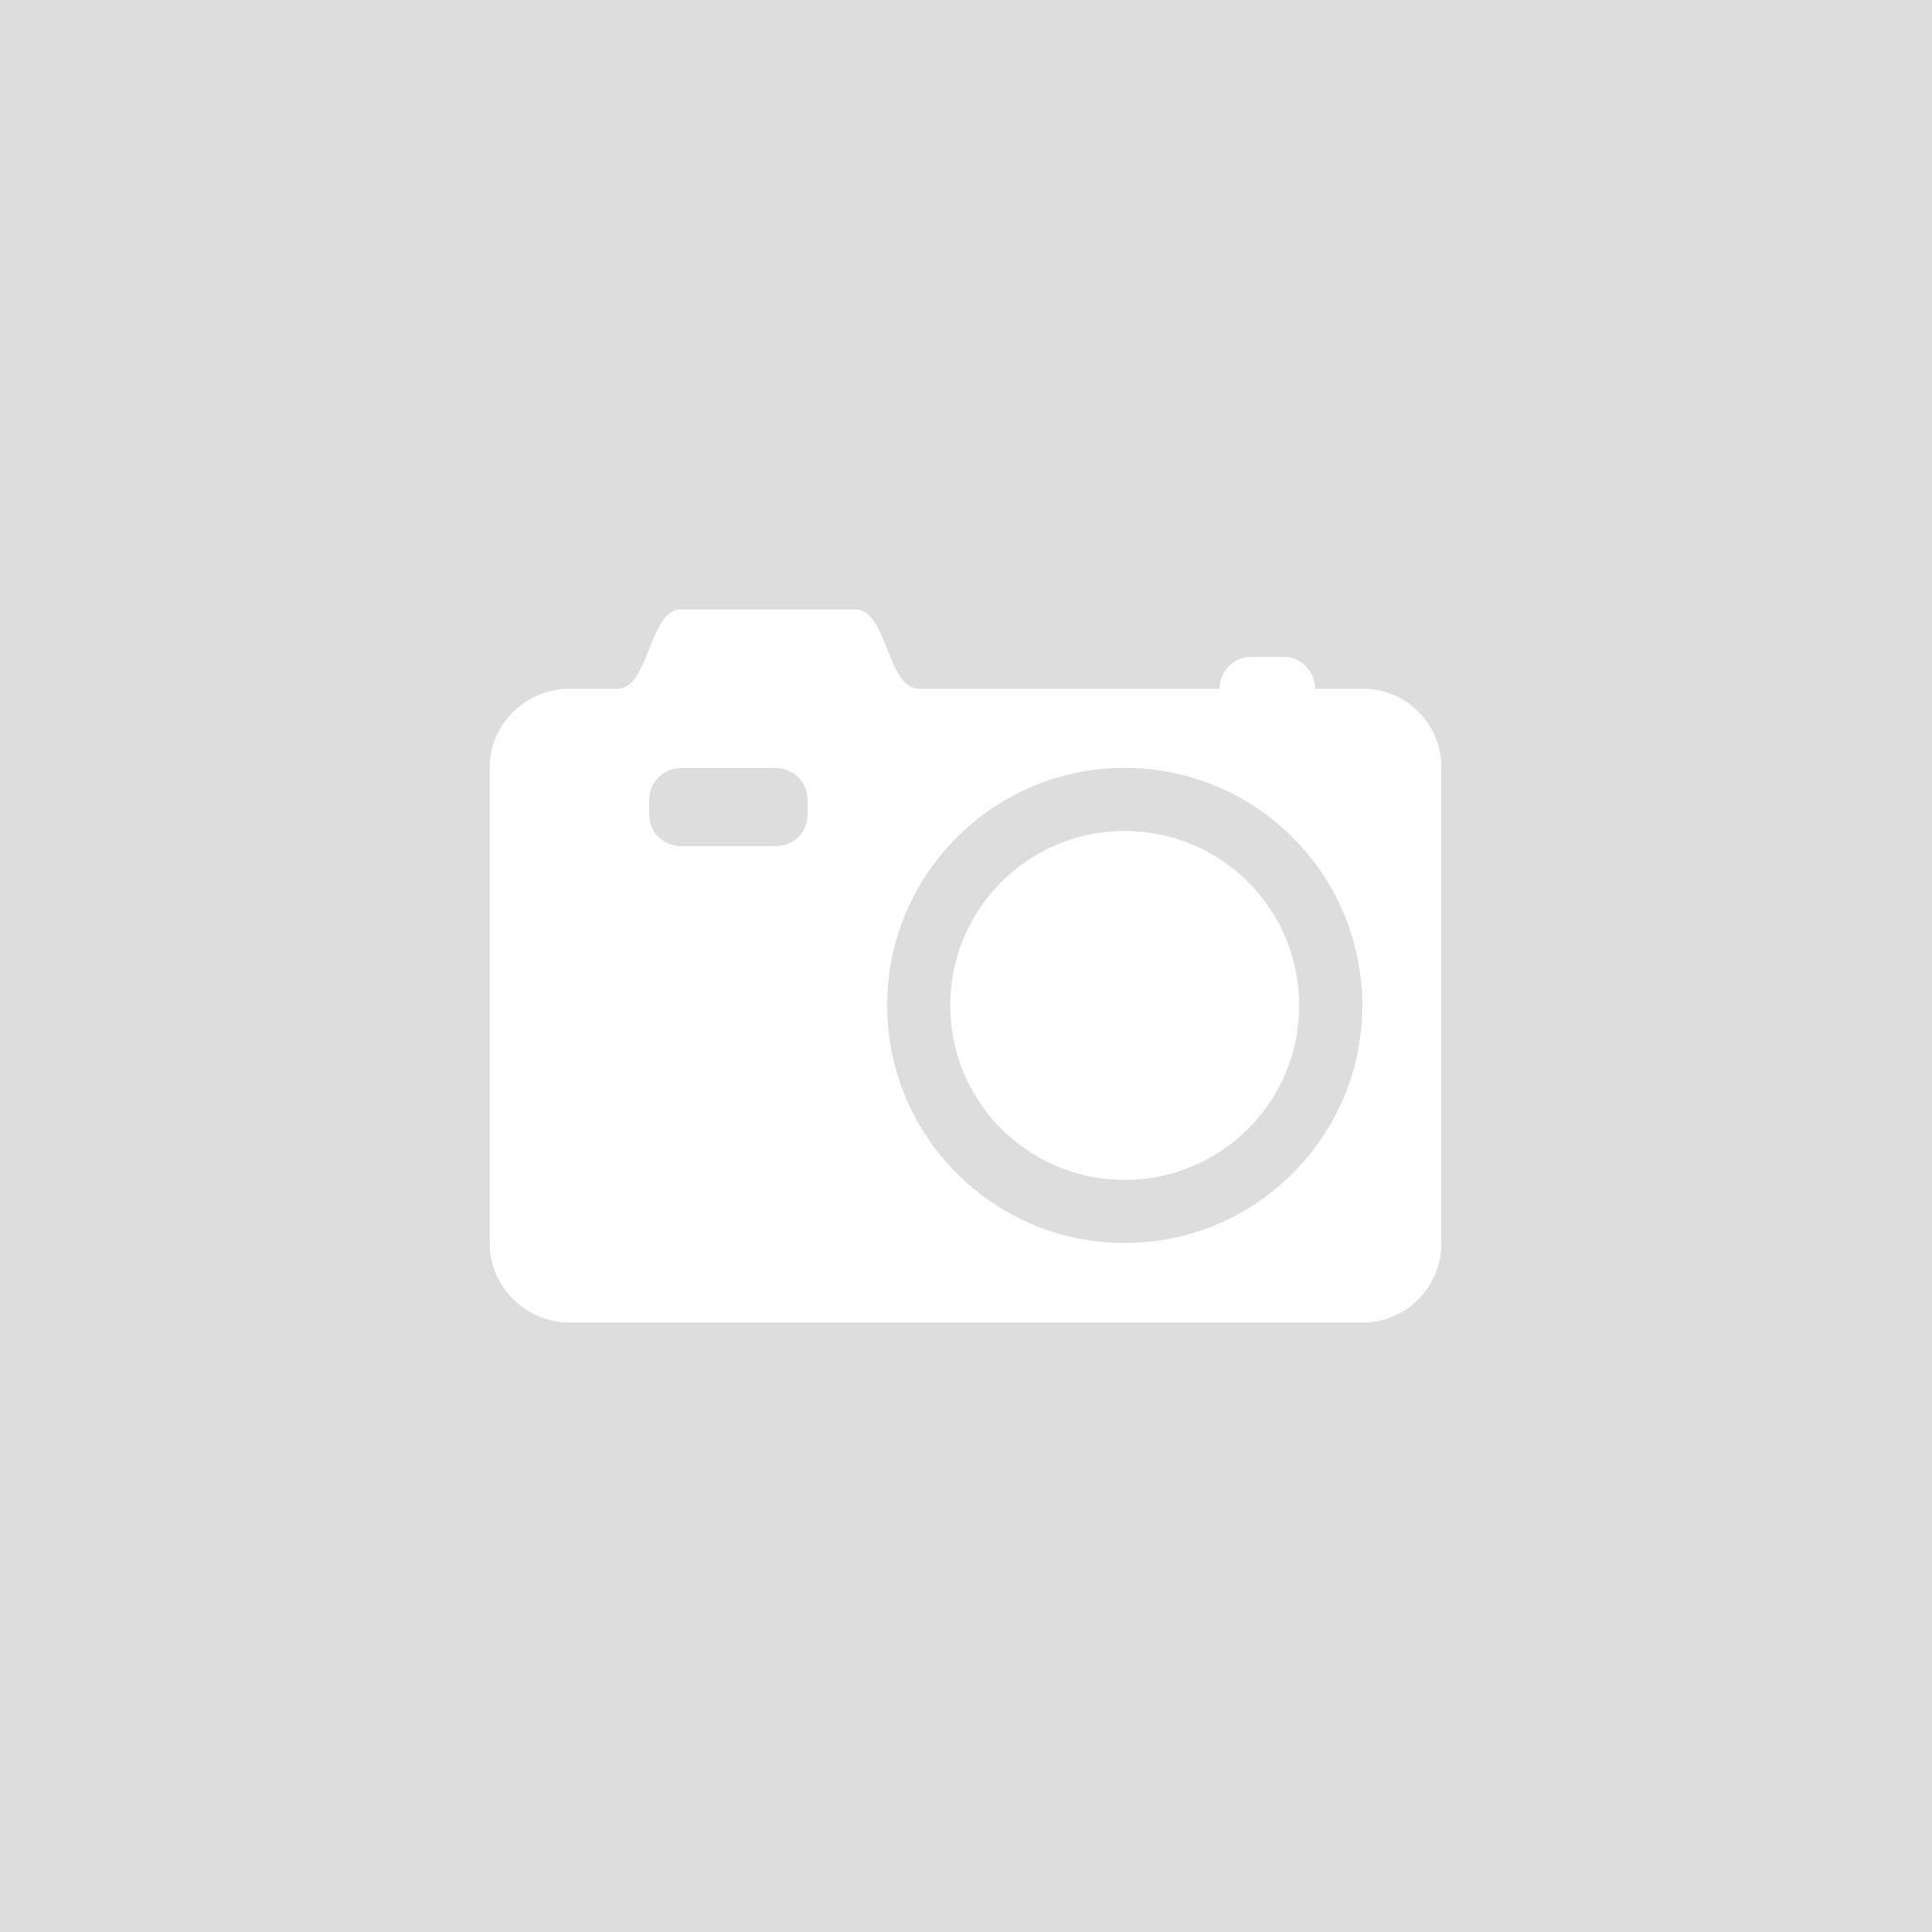 2.5L Fushcia Fantasy Limited Edition Matt Emulsion - Johnstones Paint